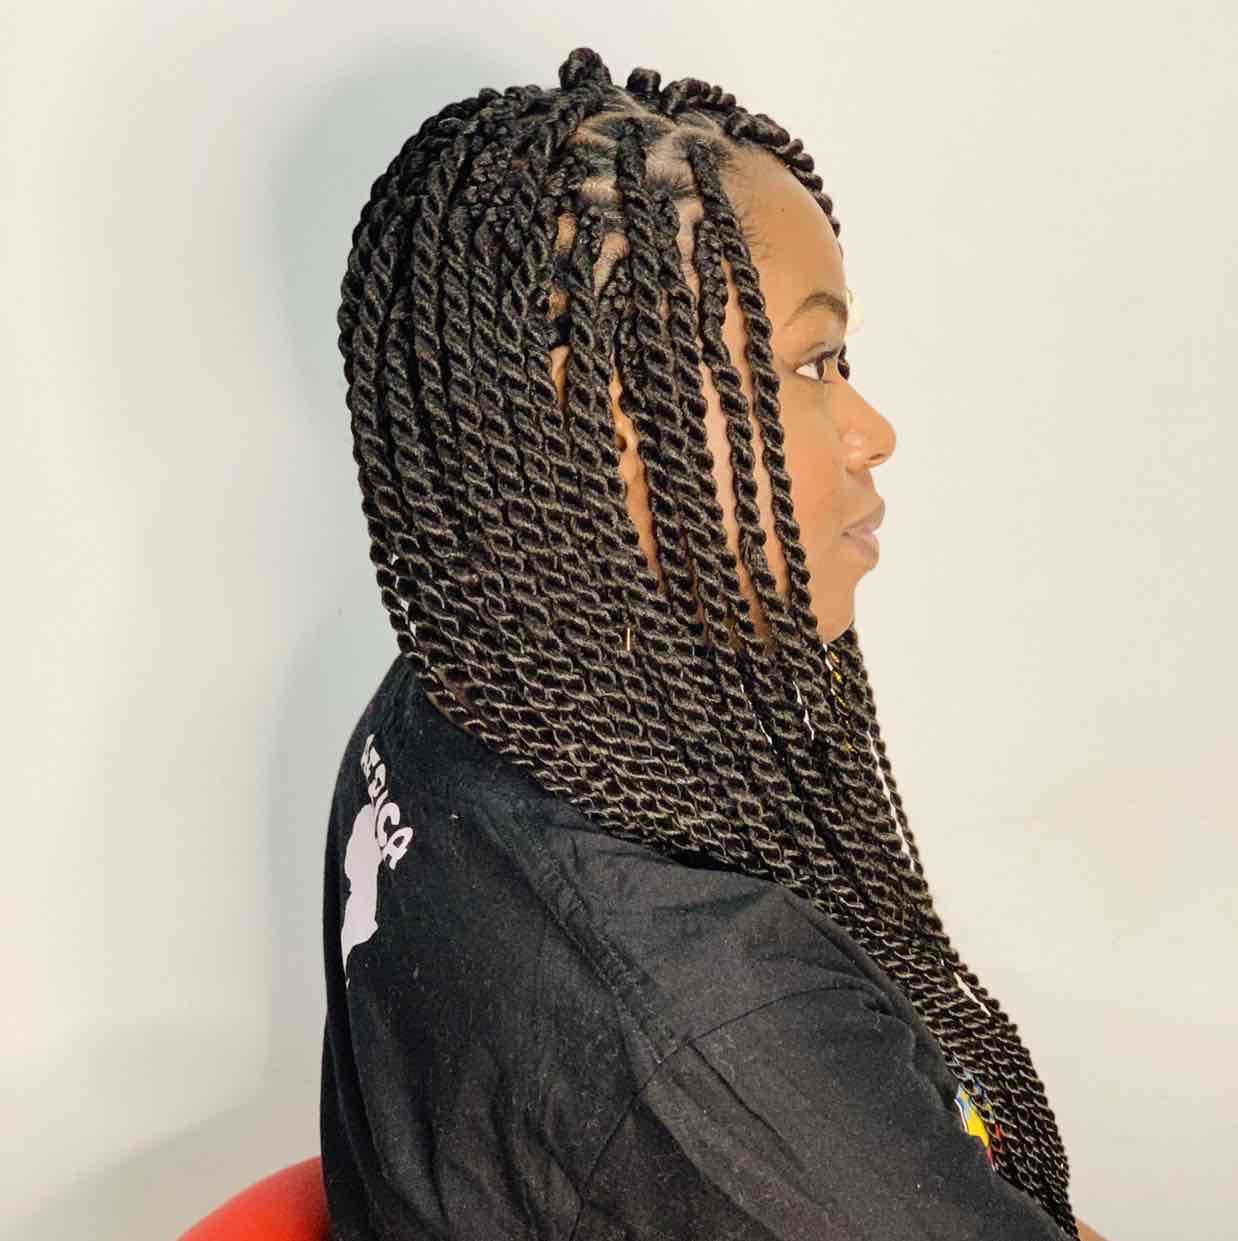 salon de coiffure afro tresse tresses box braids crochet braids vanilles tissages paris 75 77 78 91 92 93 94 95 GUPKEFJJ